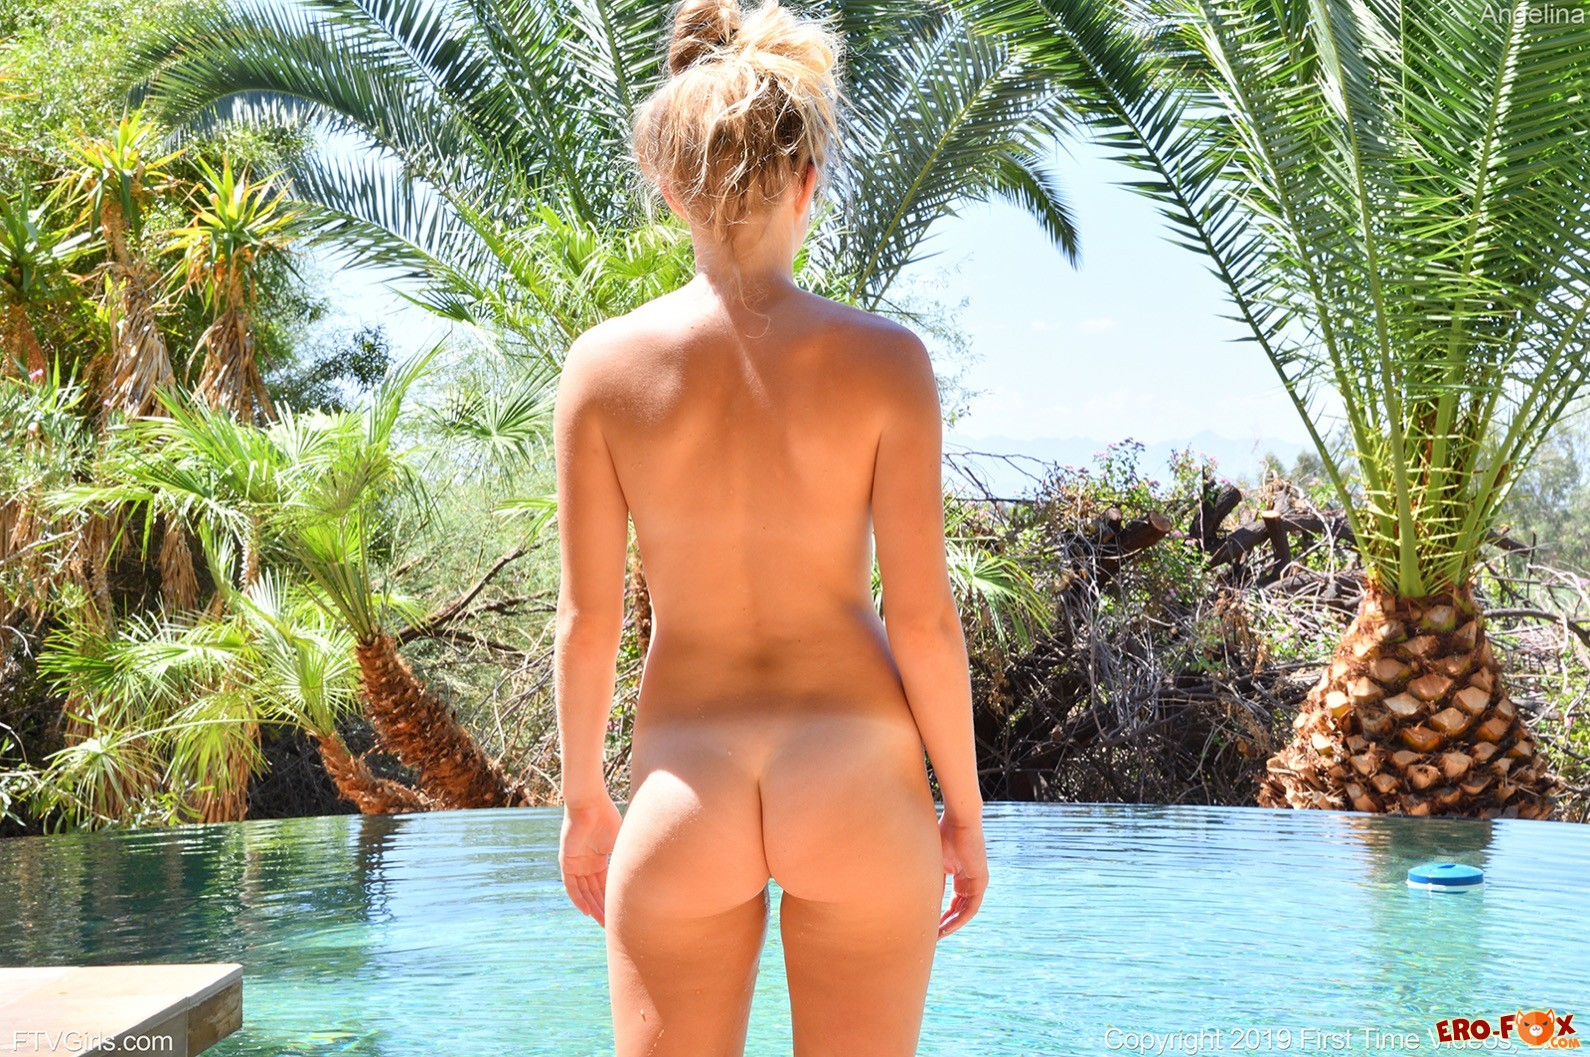 Спортивная блондинка оголившись купается в бассейне - фото